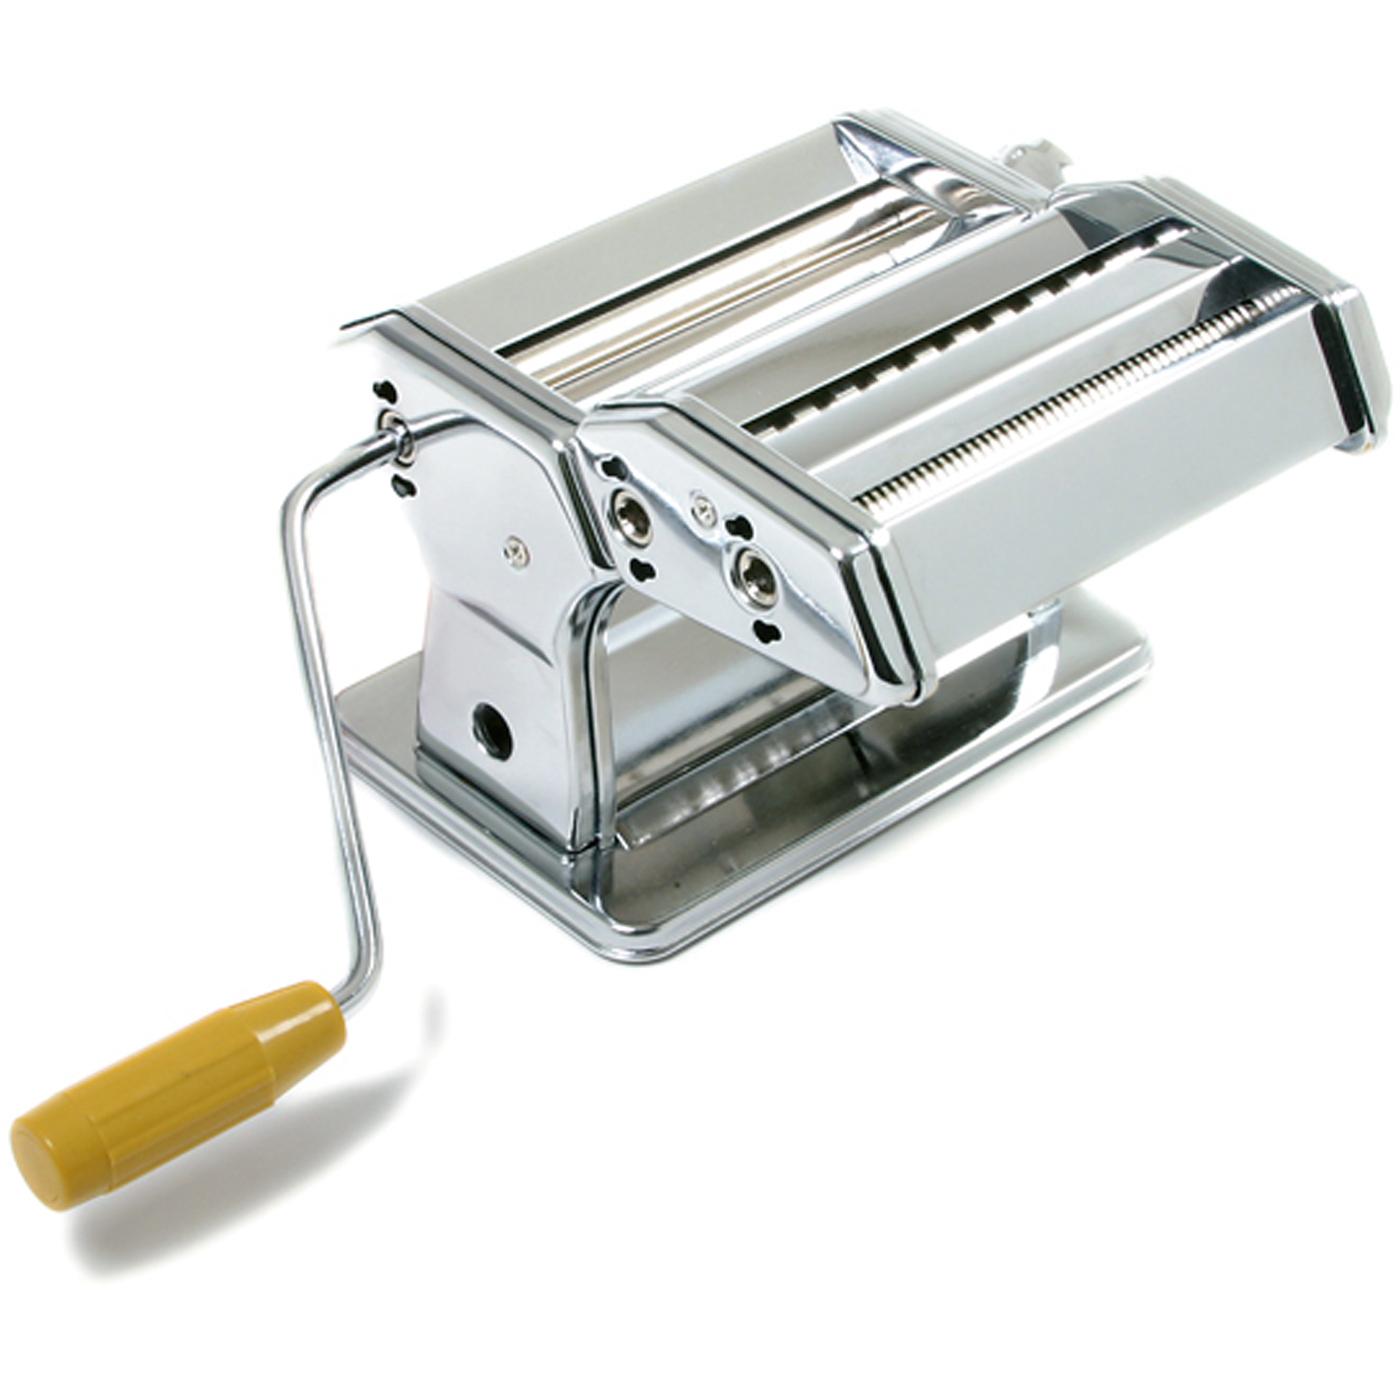 Norpro Stainless Steel and Yellow Hand Crank Pasta Machine